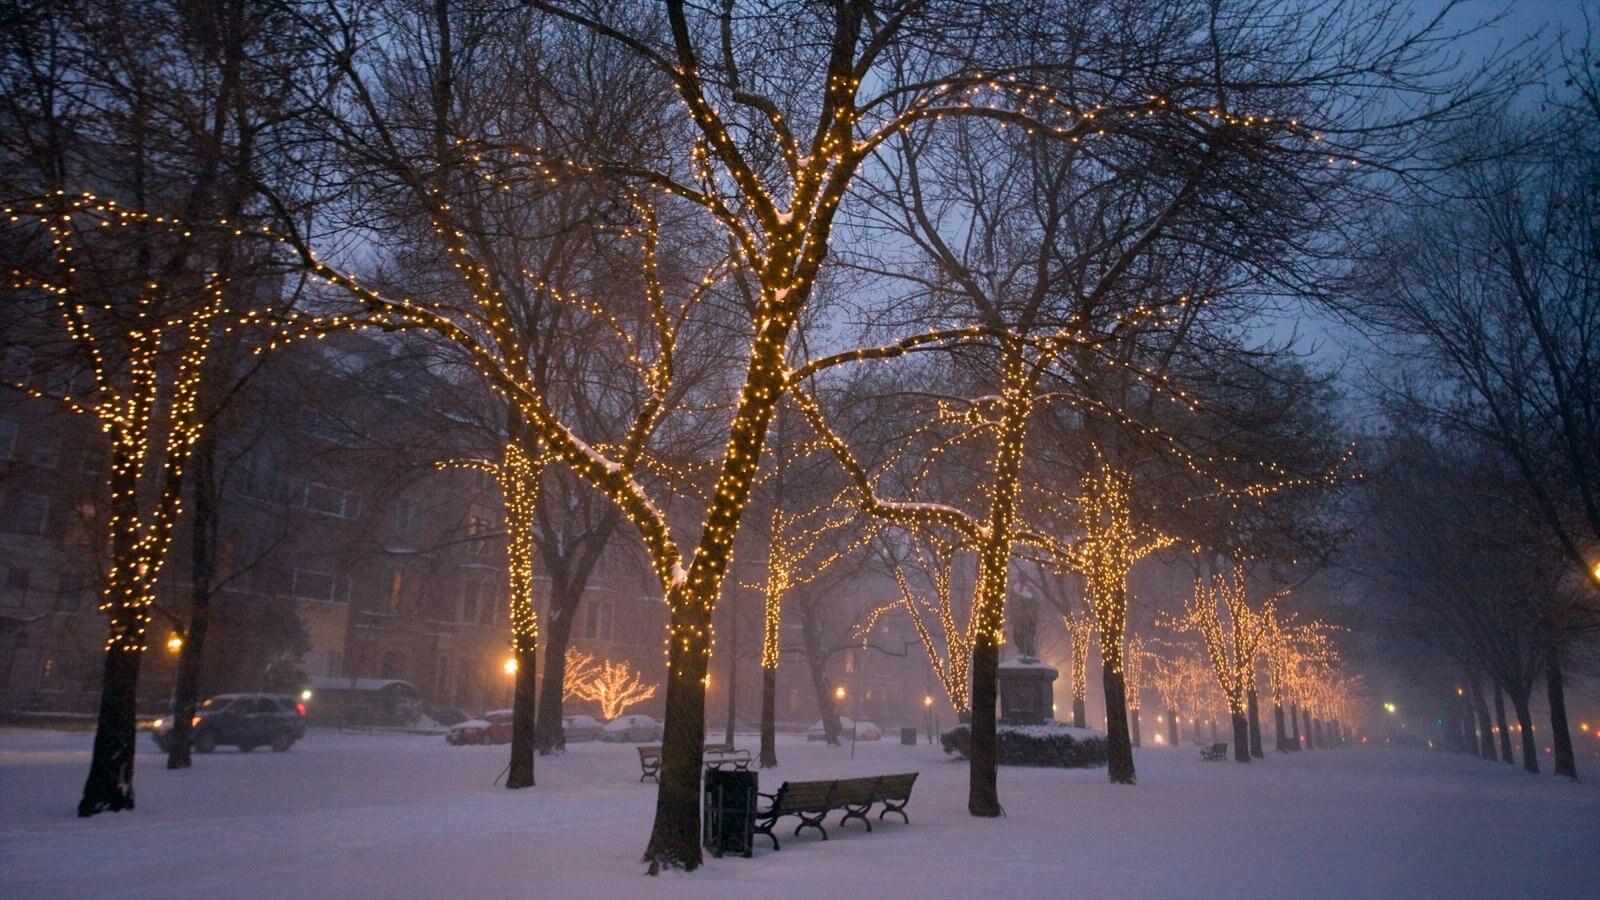 Boston que inclui cenas noturnas, neblina e um jardim